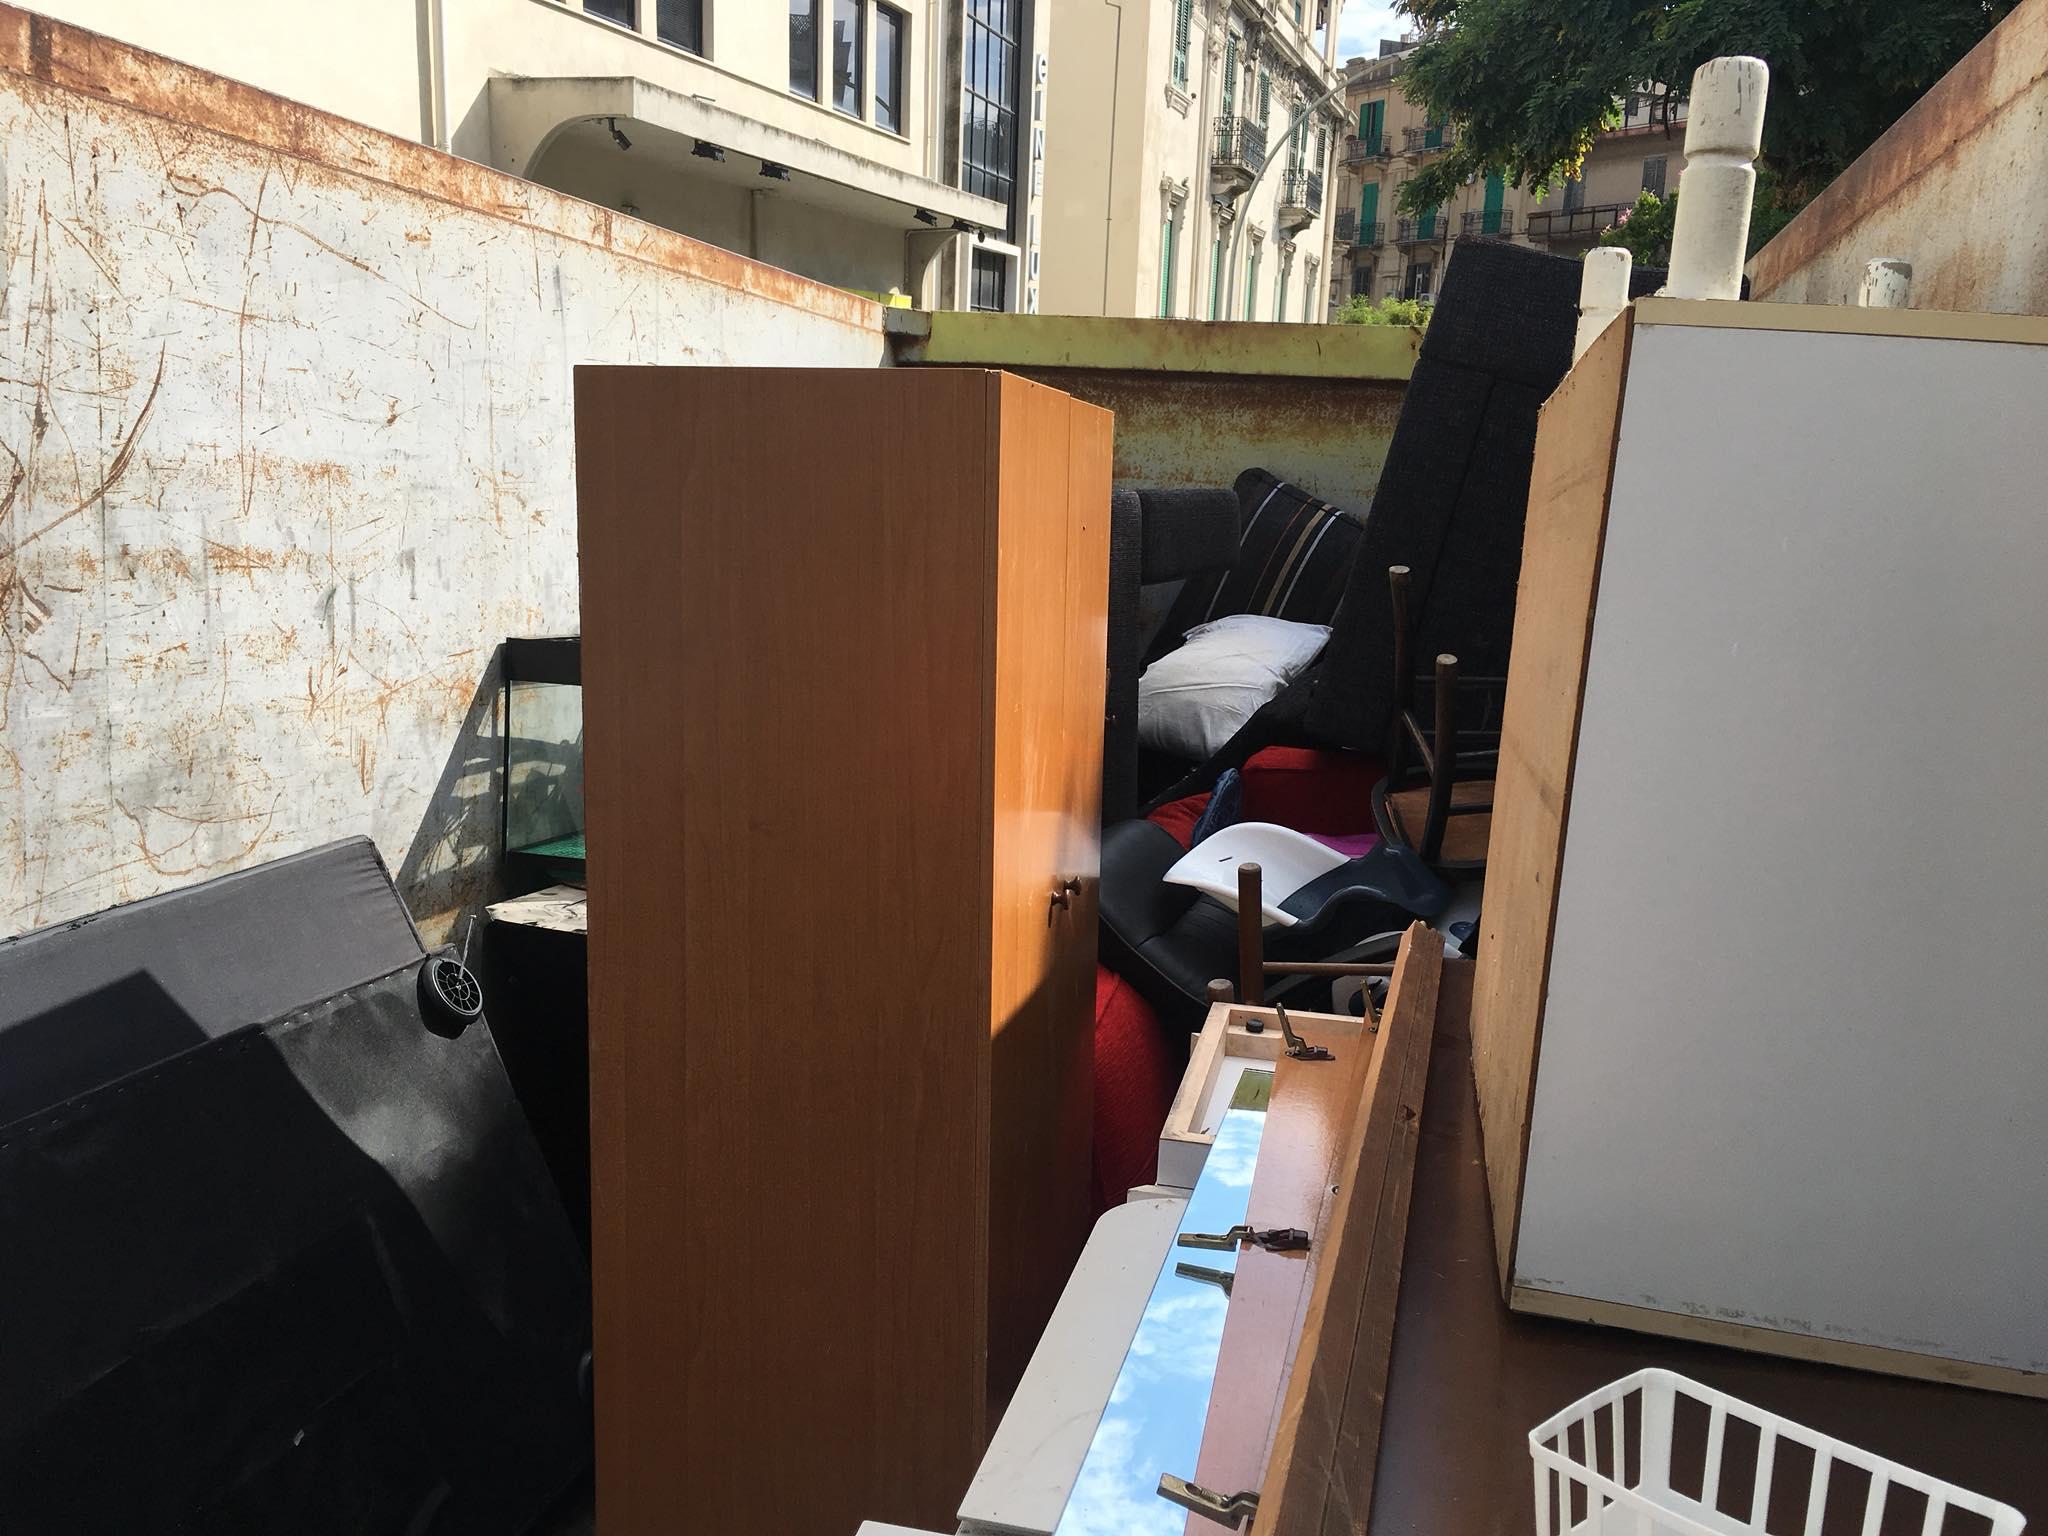 Mobili In Regalo Messina.Mobili Ed Elettrodomestici Dove Gettare I Rifiuti